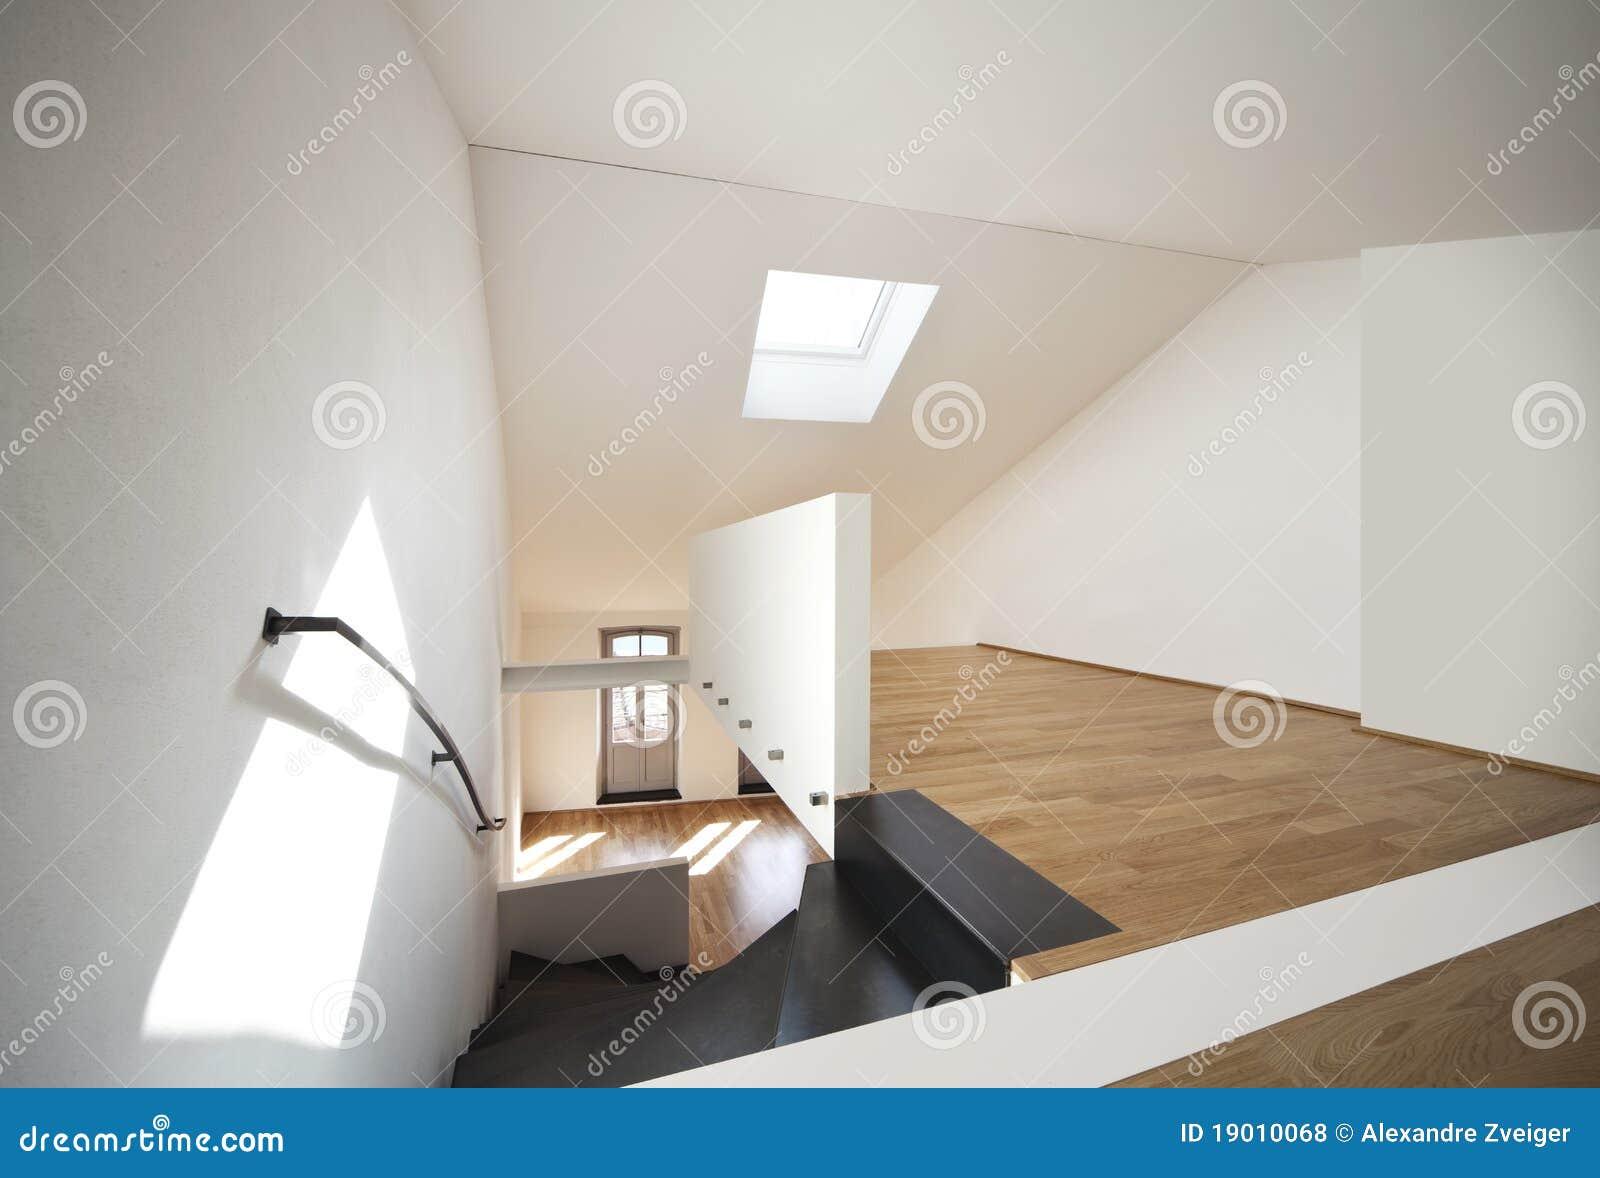 Best Schöne Moderne Bilder Images - Kosherelsalvador.com ...